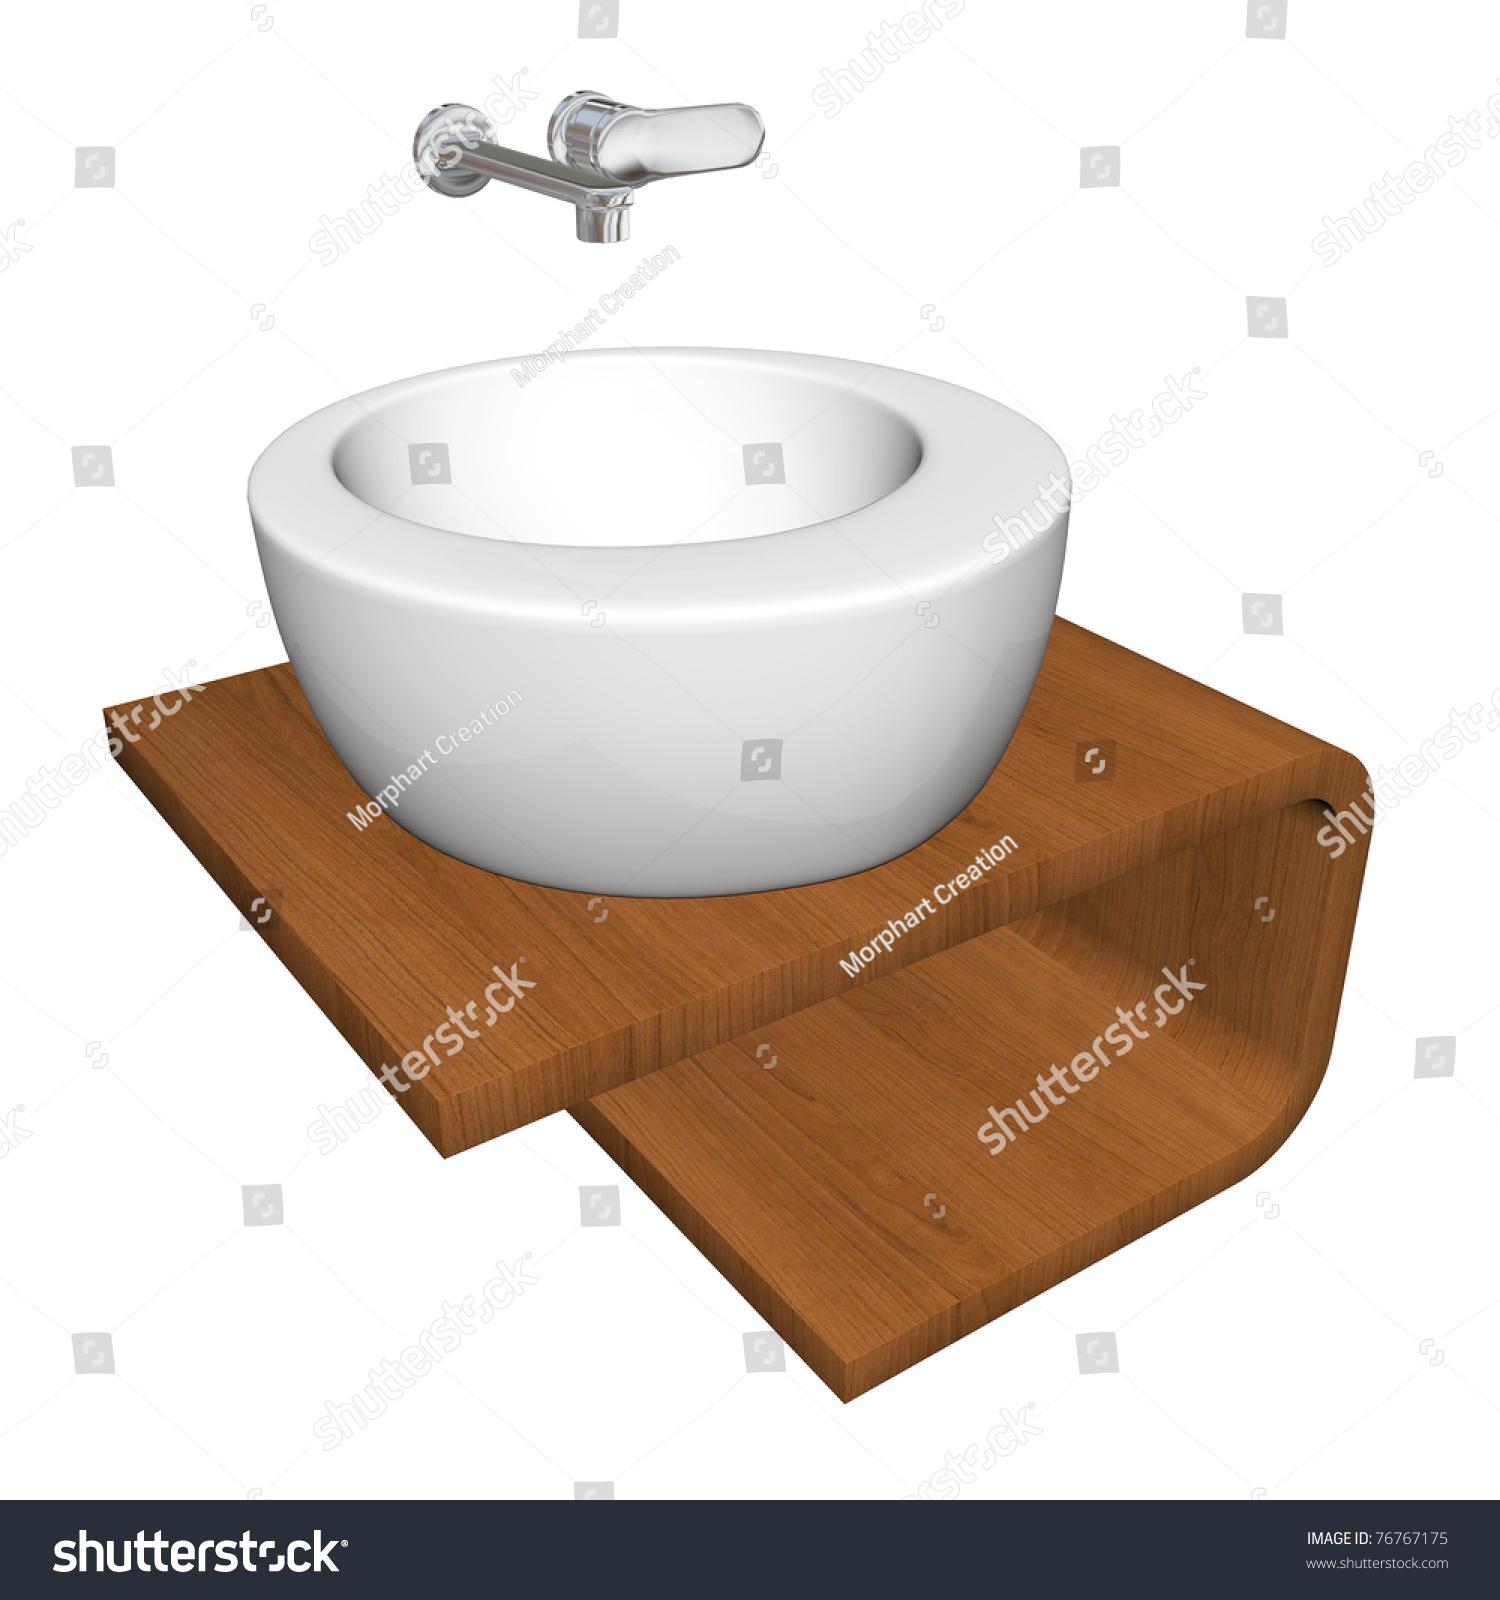 modern bathroom sink set with ceramic or acrylic wash bowl chrome